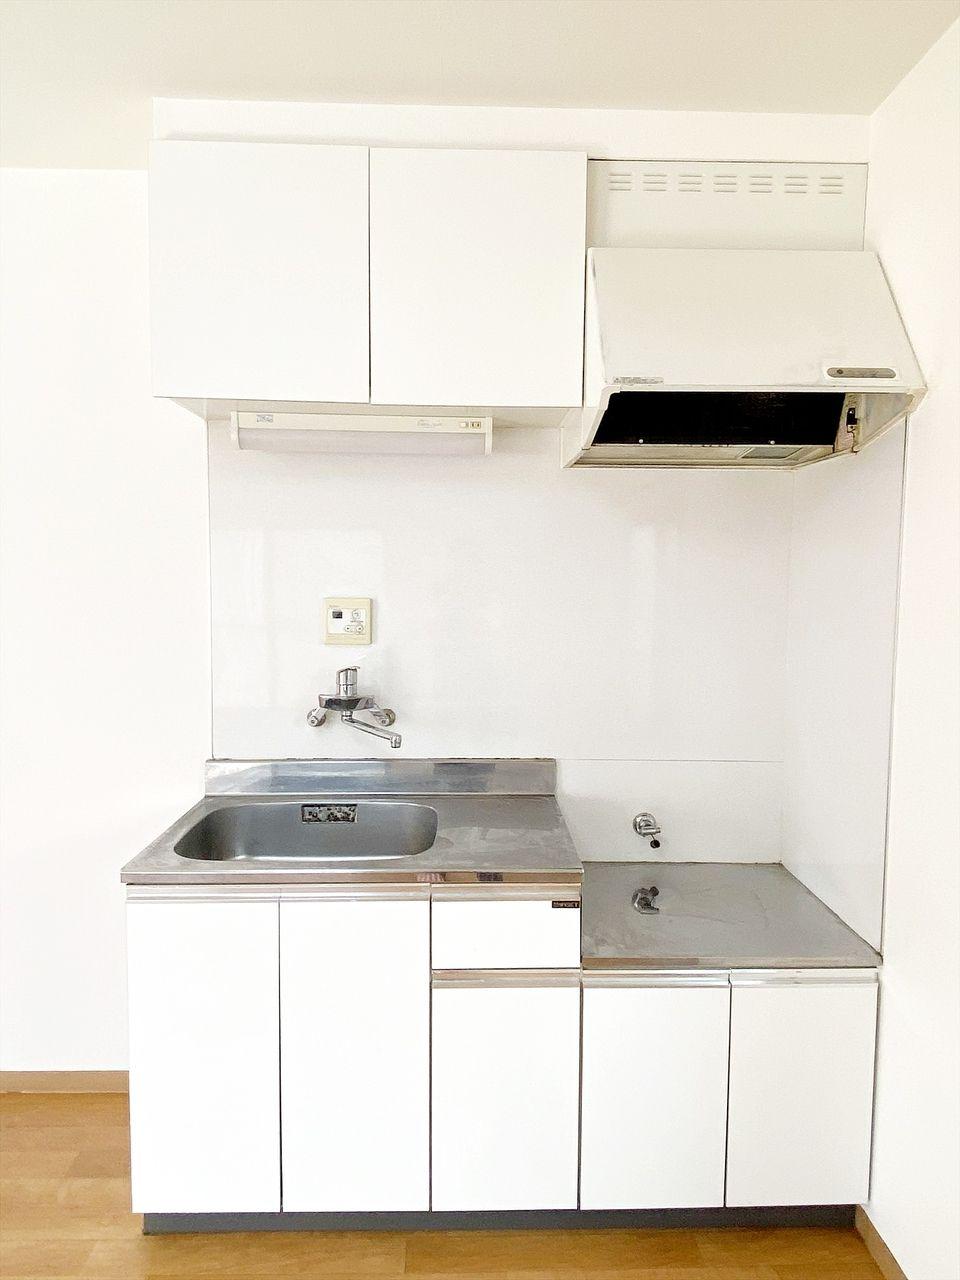 アゼリアハイツ池袋202号室のキッチン ガスコンロ2口設置可です